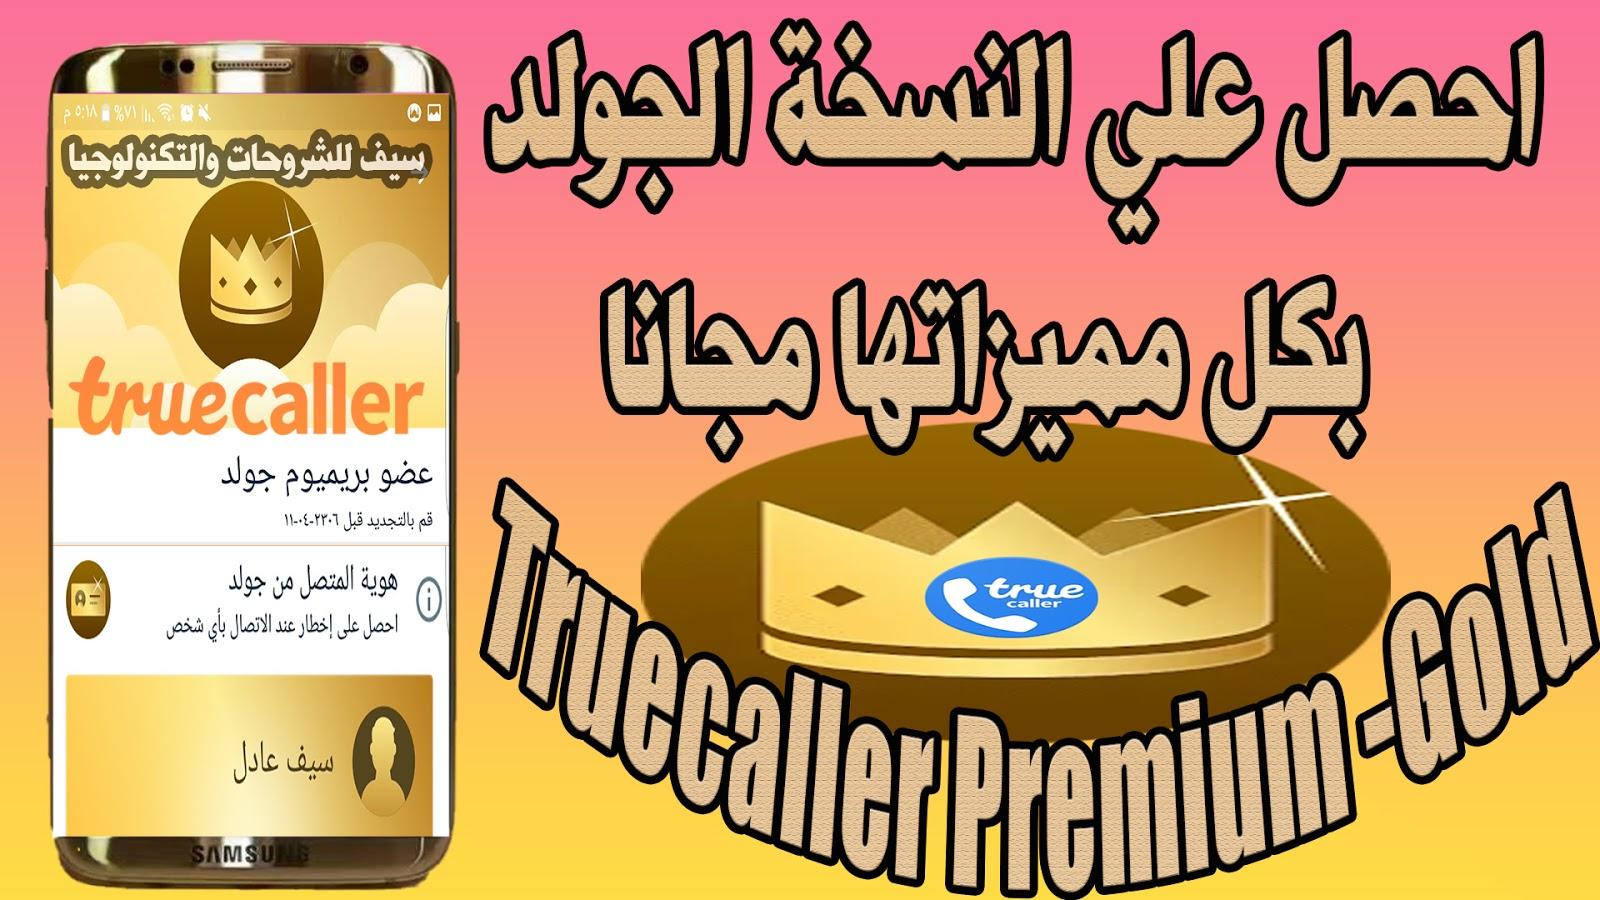 تحميل Truecaller Premium -Gold تروكولر للاندرويد والايفون اخر اصدار  النسخة الجولد بكل مميزاتها